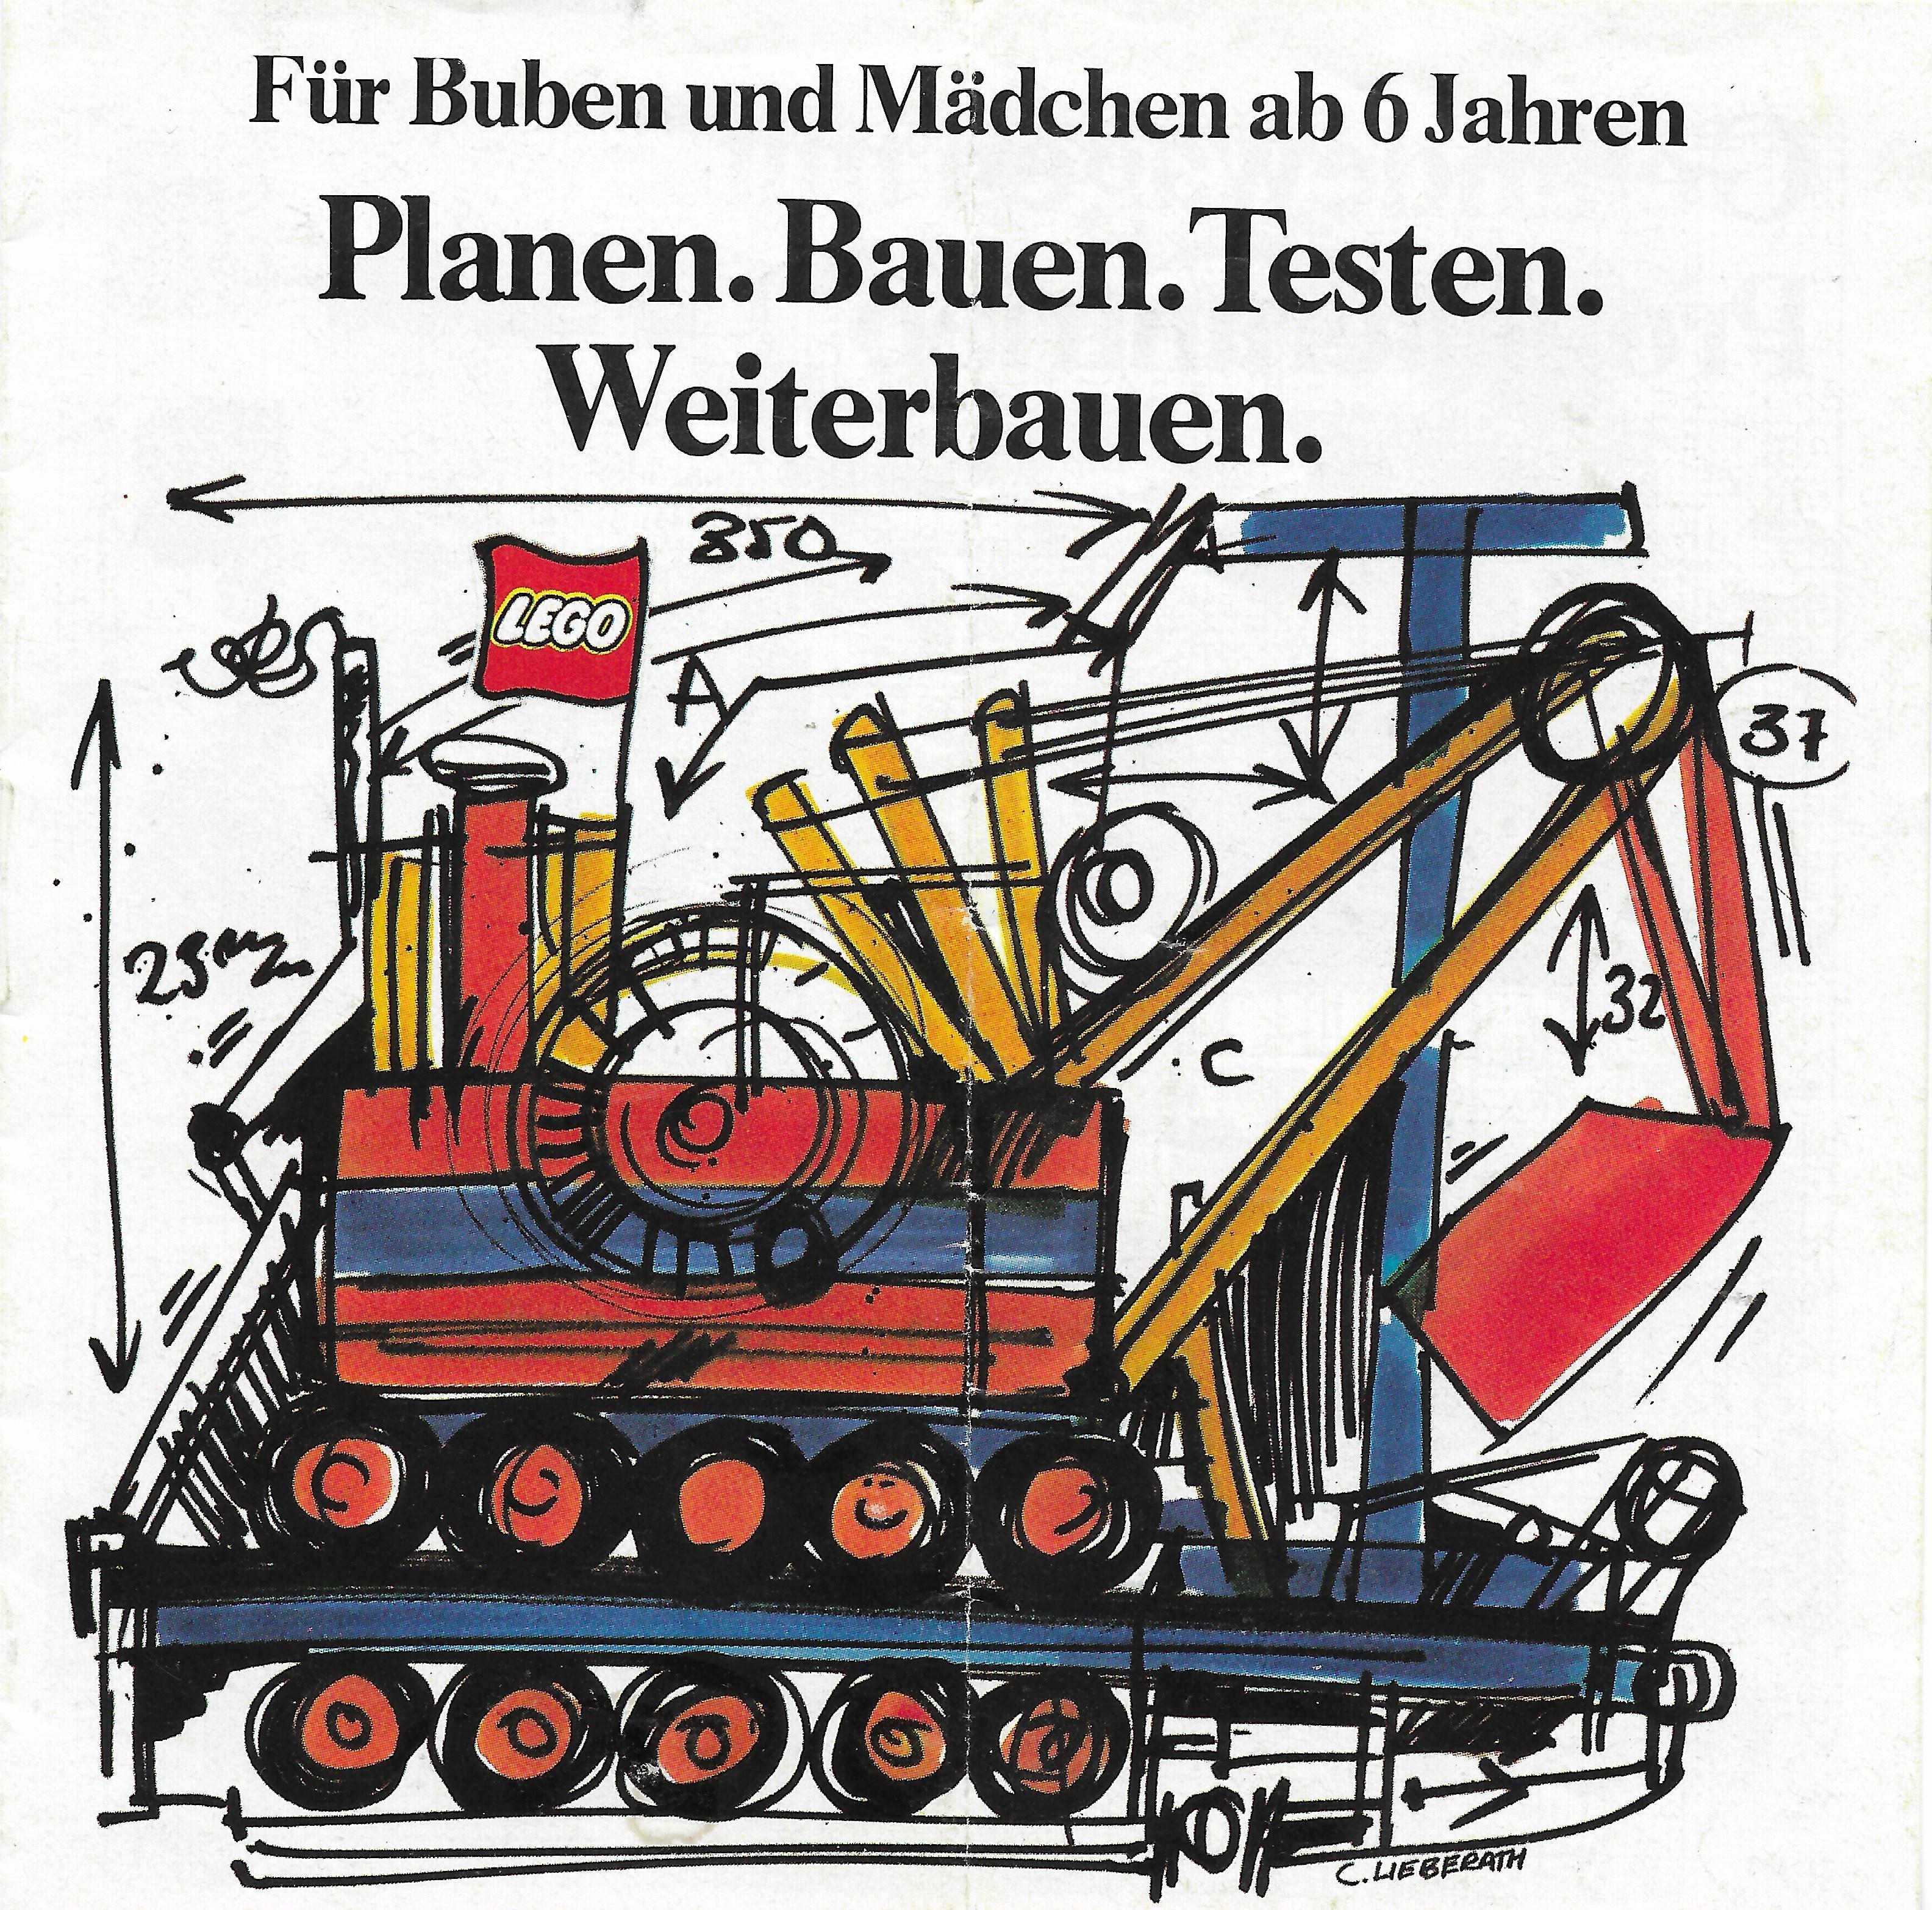 1974-es német Lego katalógus